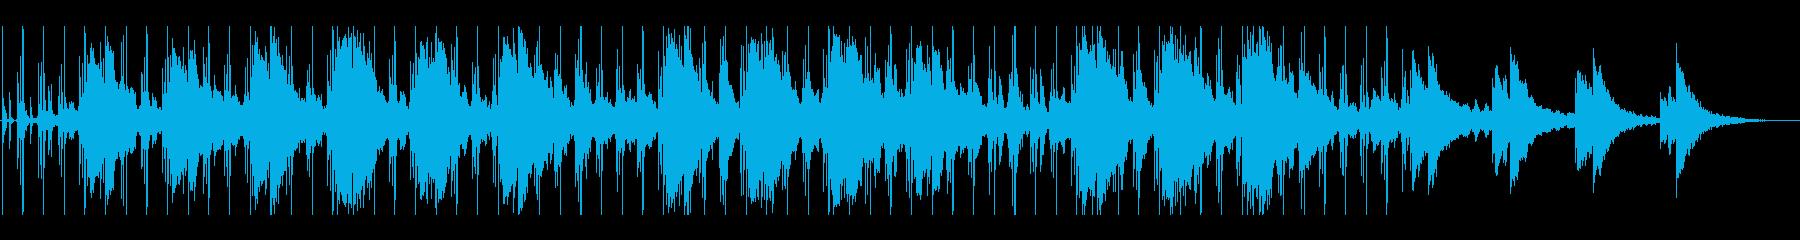 スローRoadMovieサウンドトラックの再生済みの波形